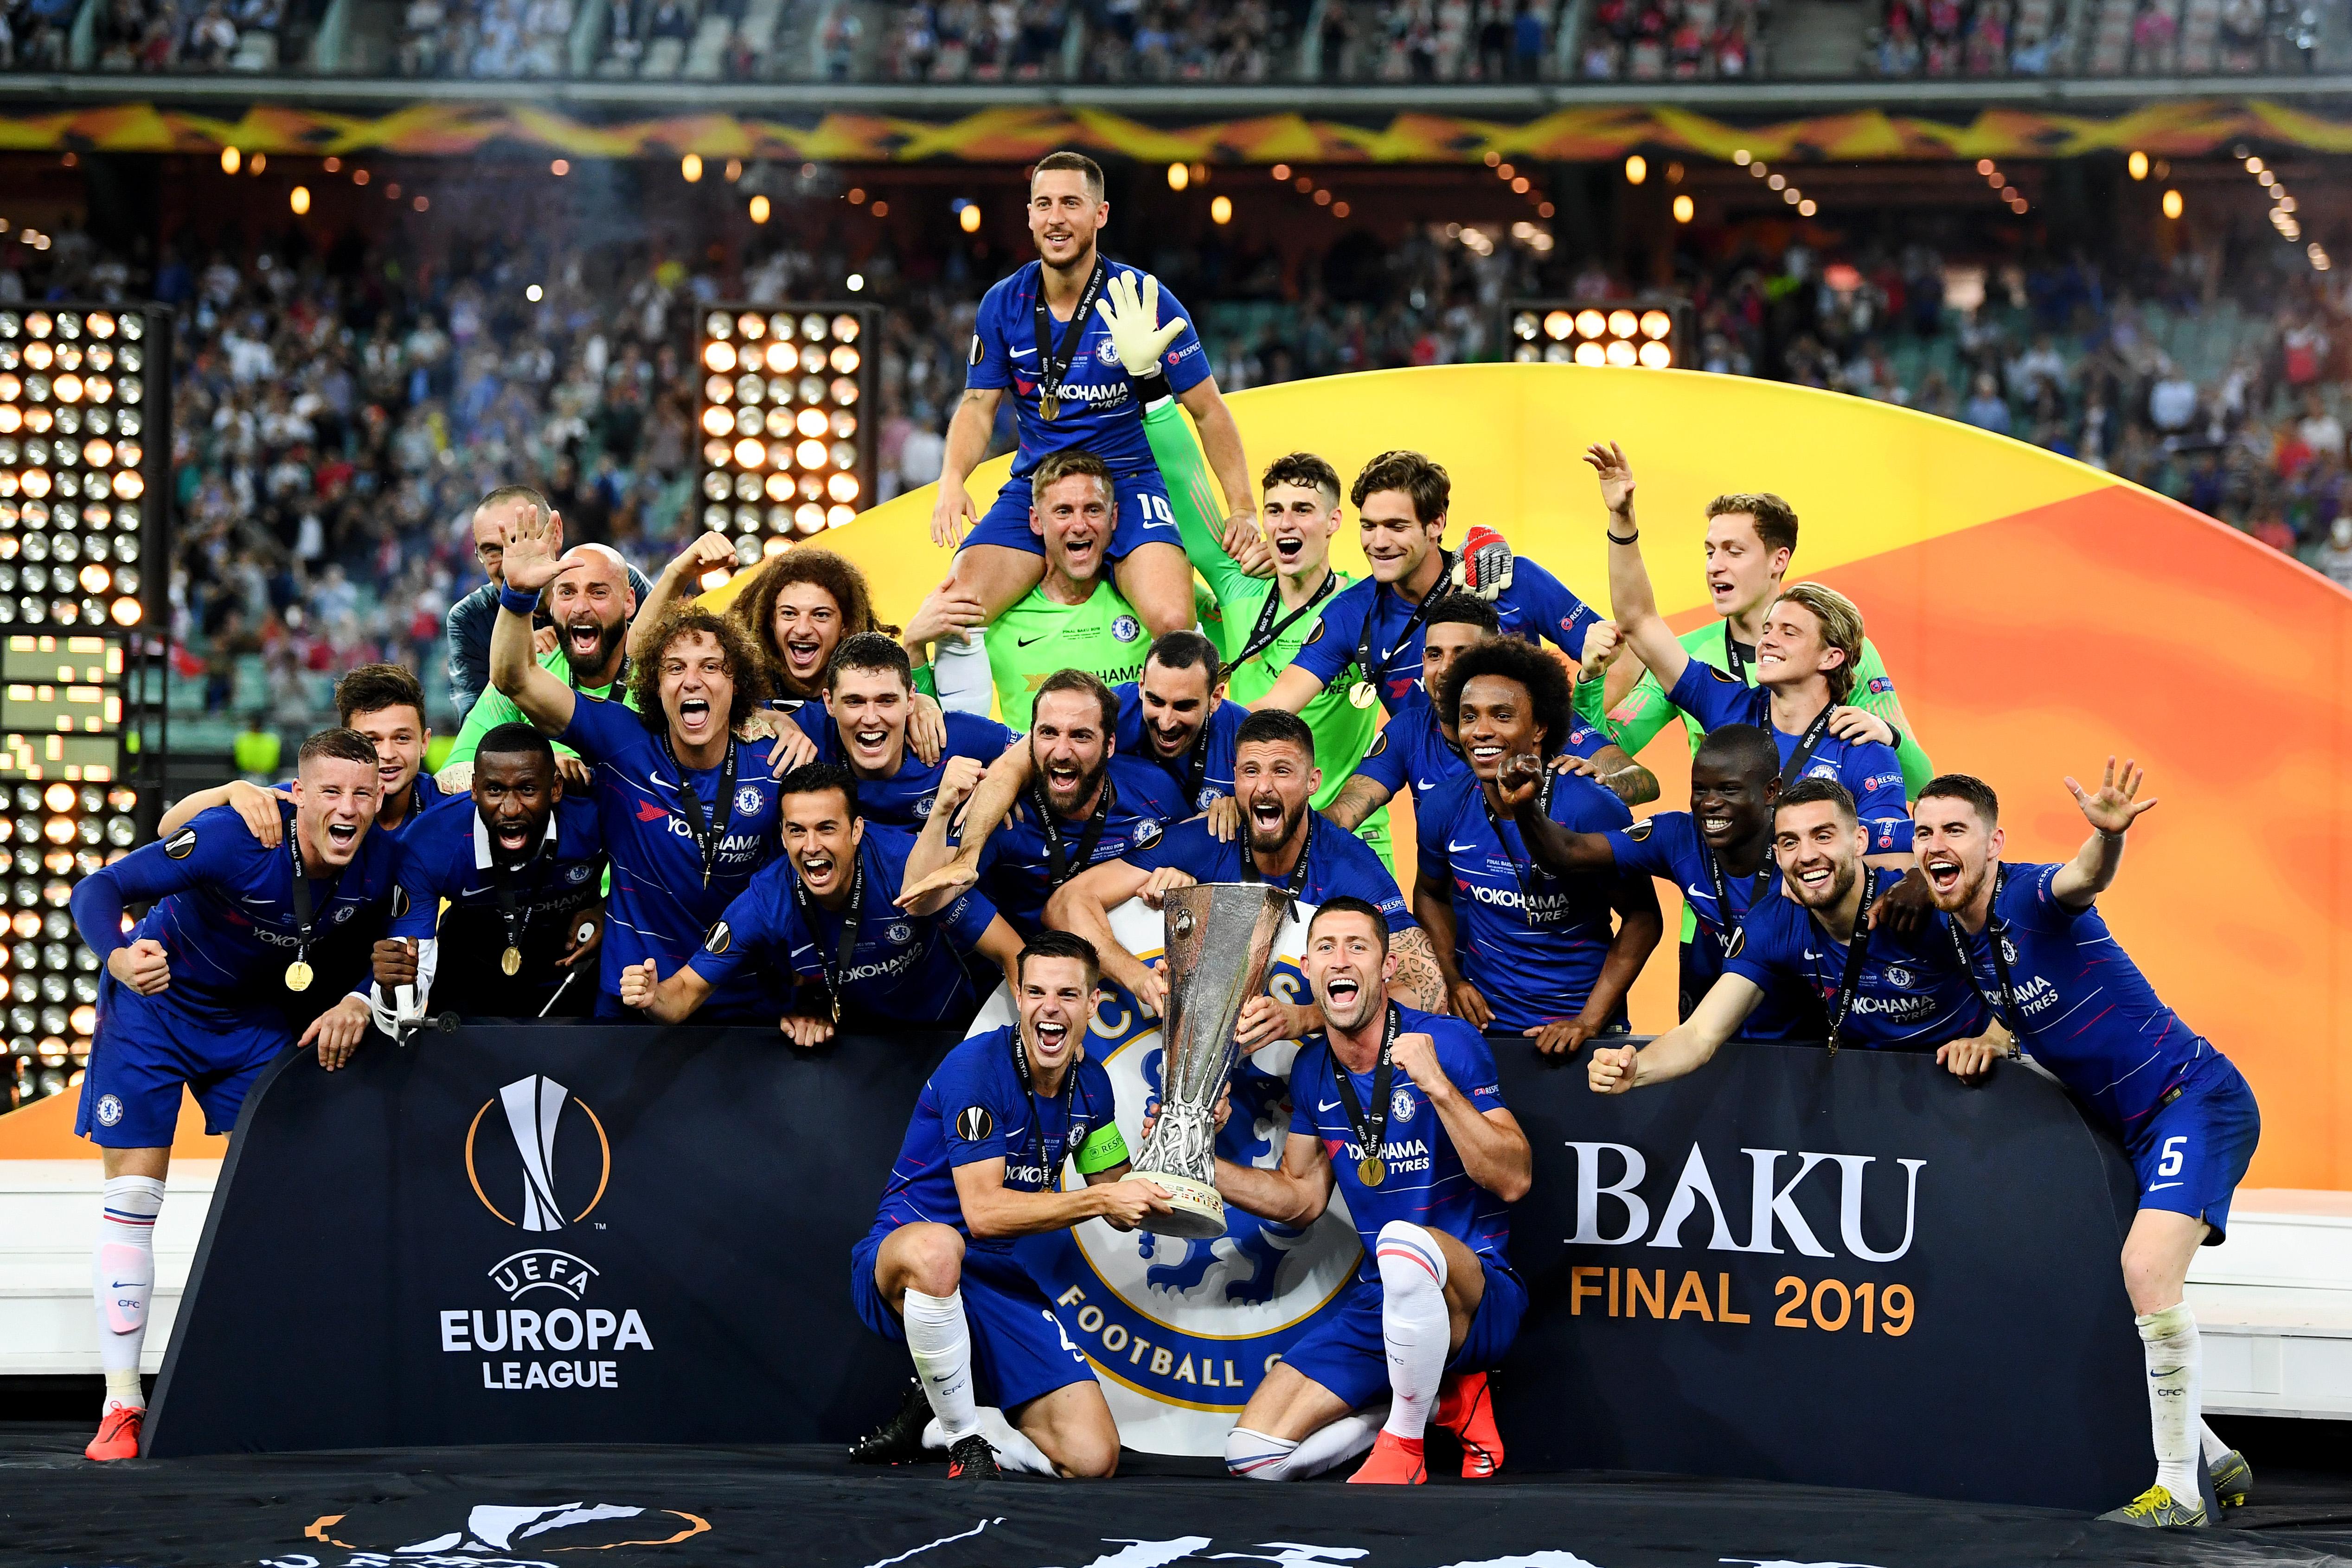 DAFTAR JUARA Liga Europa Piala UEFA 1972 2019